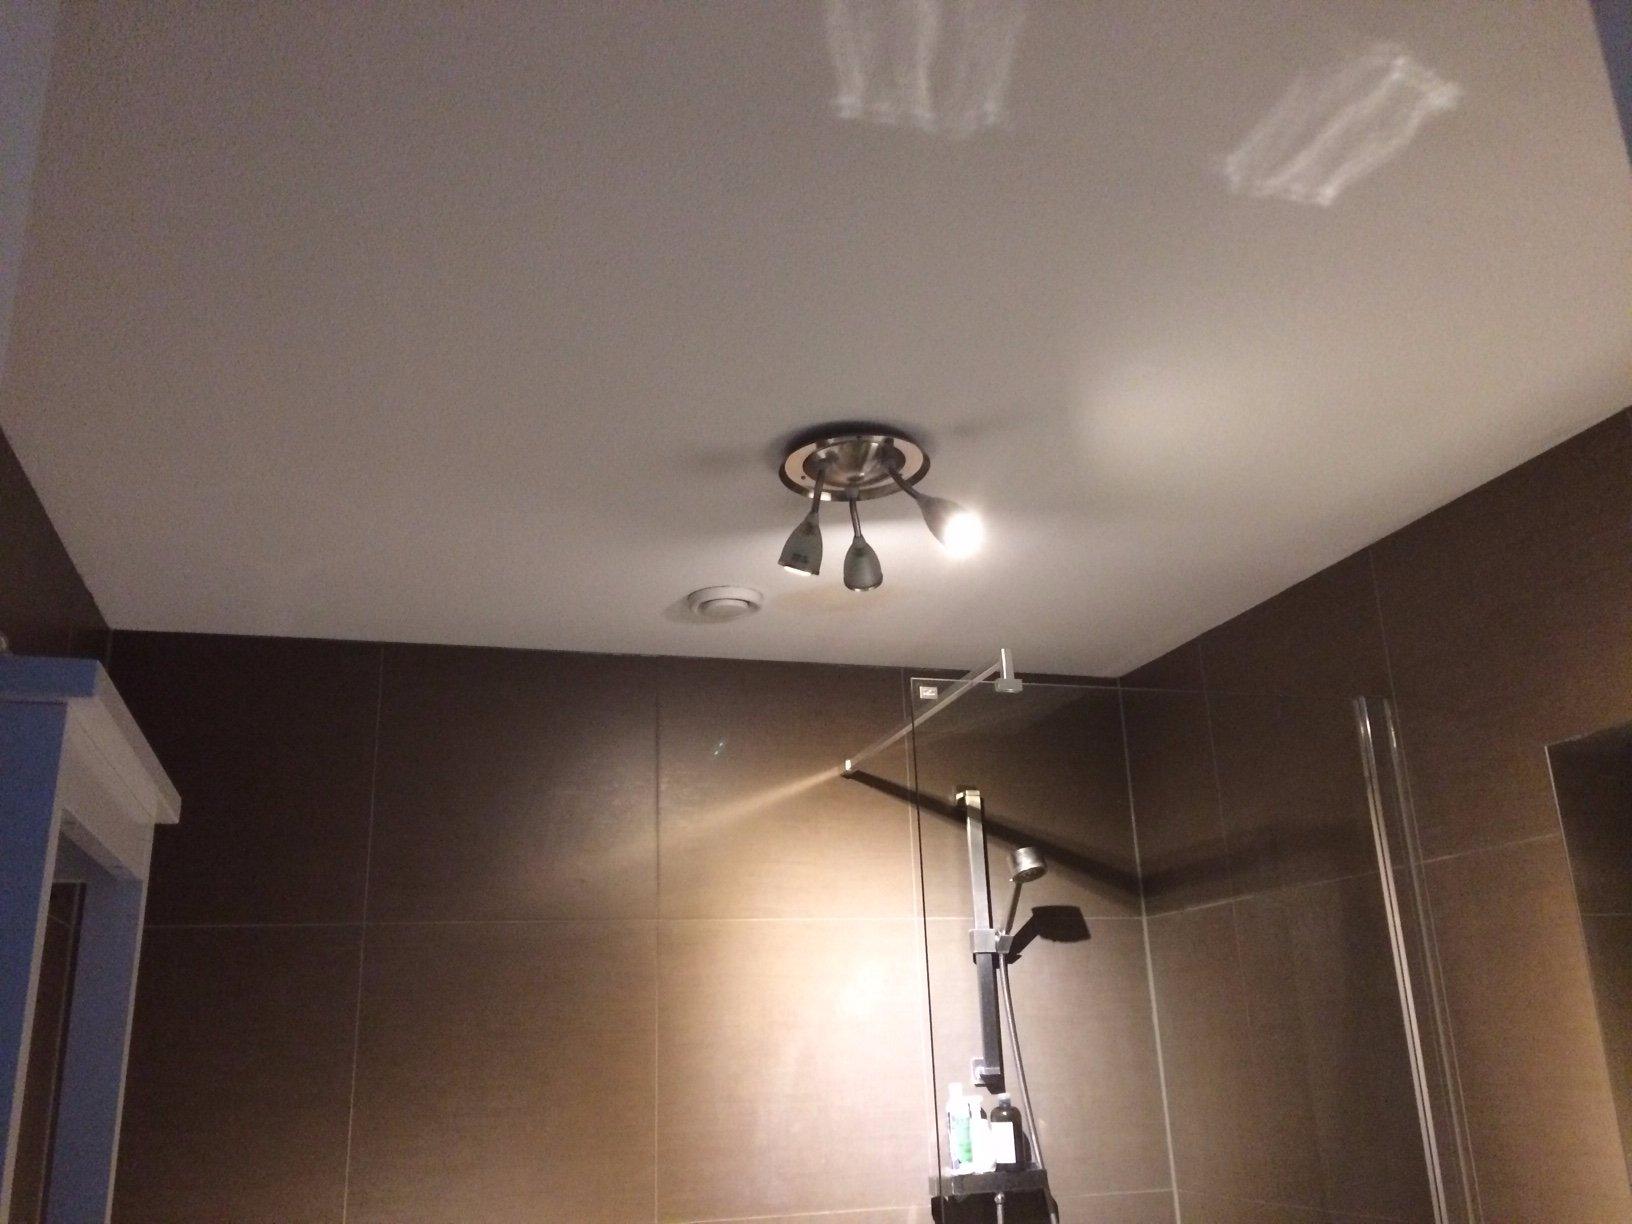 Badkamerplafond lekkage vlekken isoleren en plafond schilderen ...